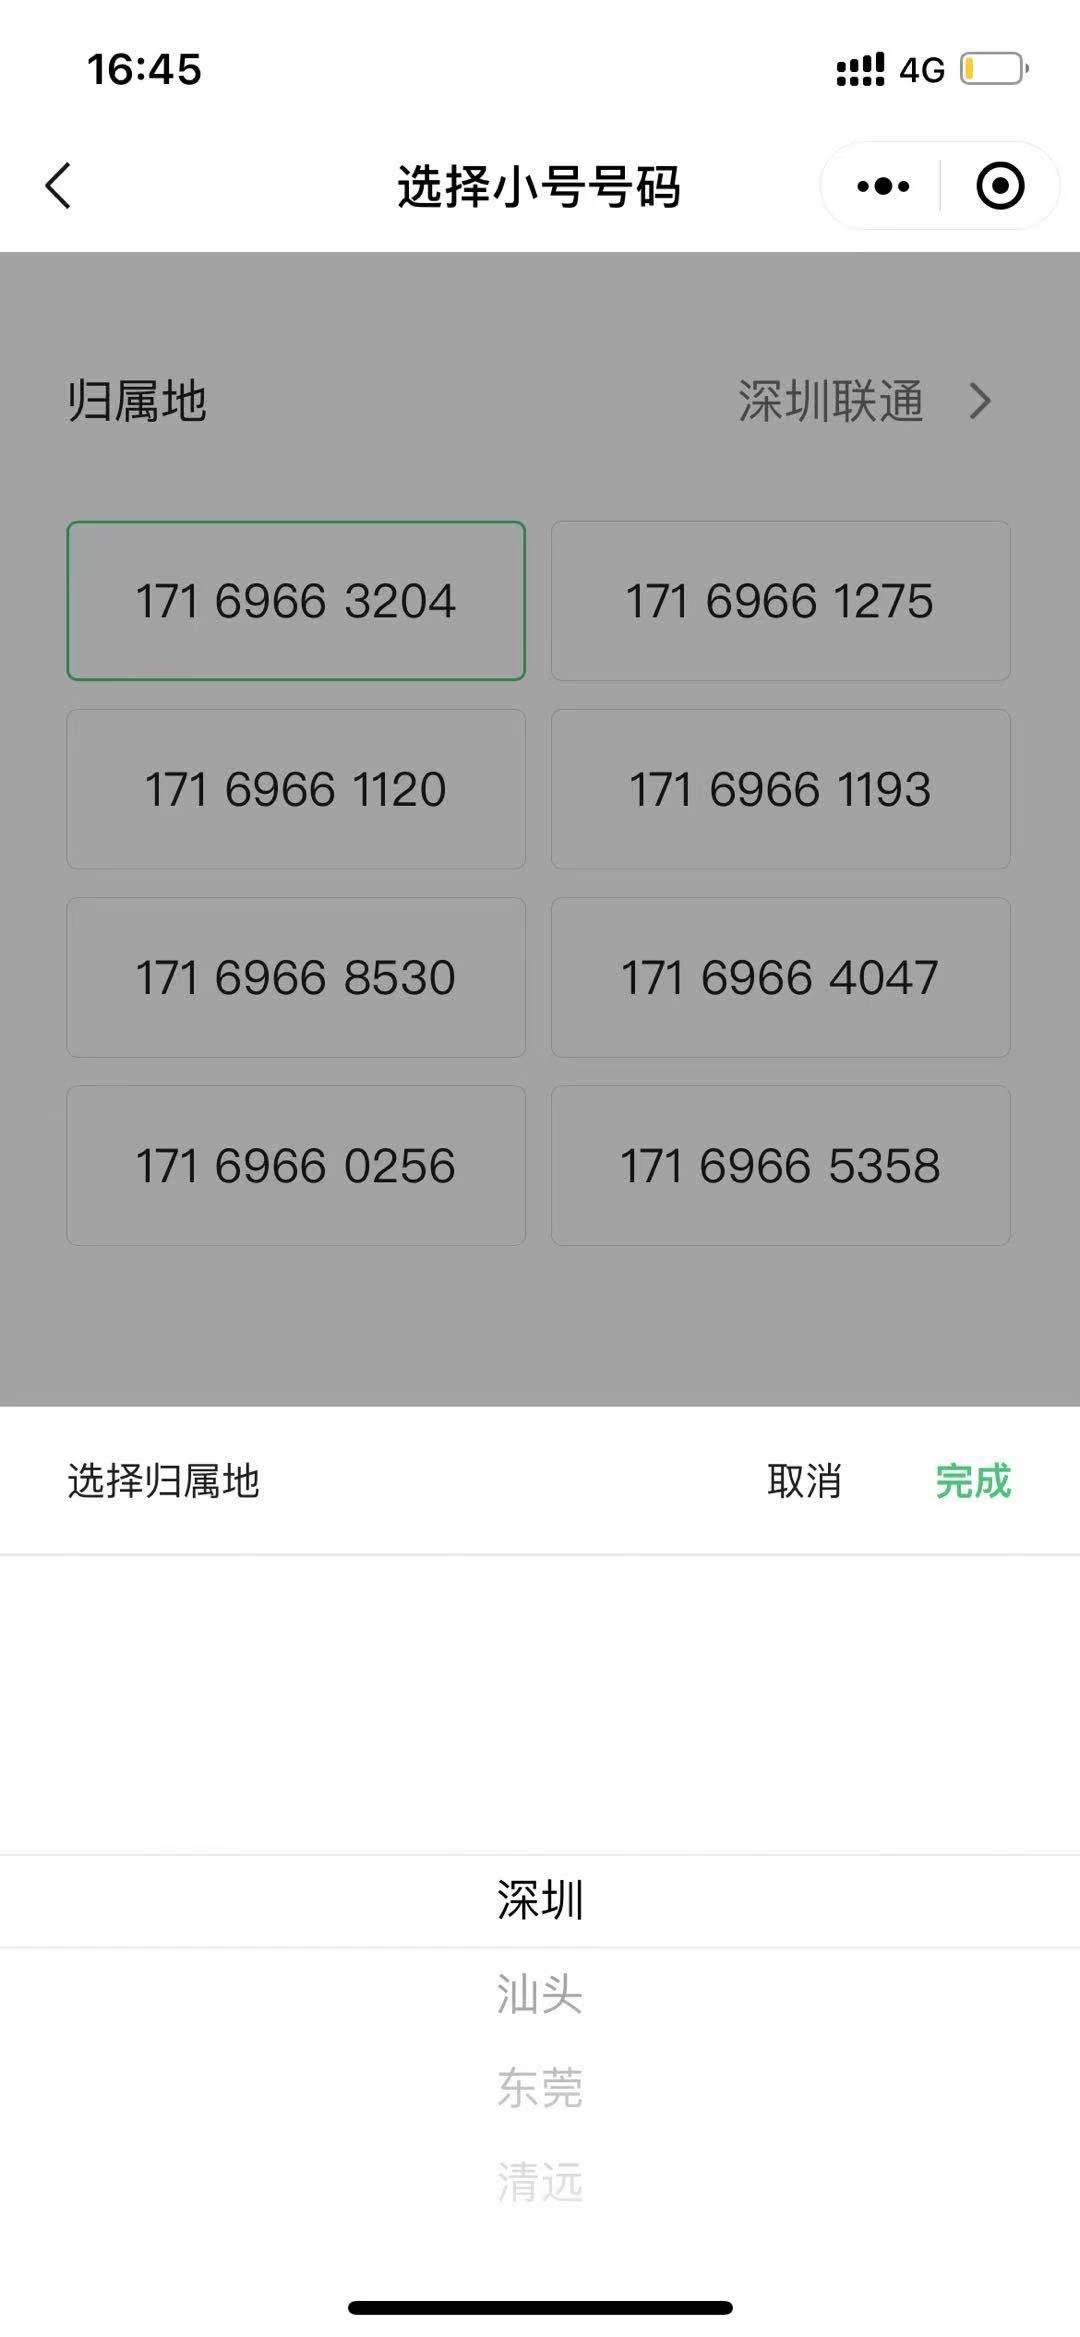 """腾讯推出每月10元的""""微小号"""",可用虚拟号码防止骚扰电话"""